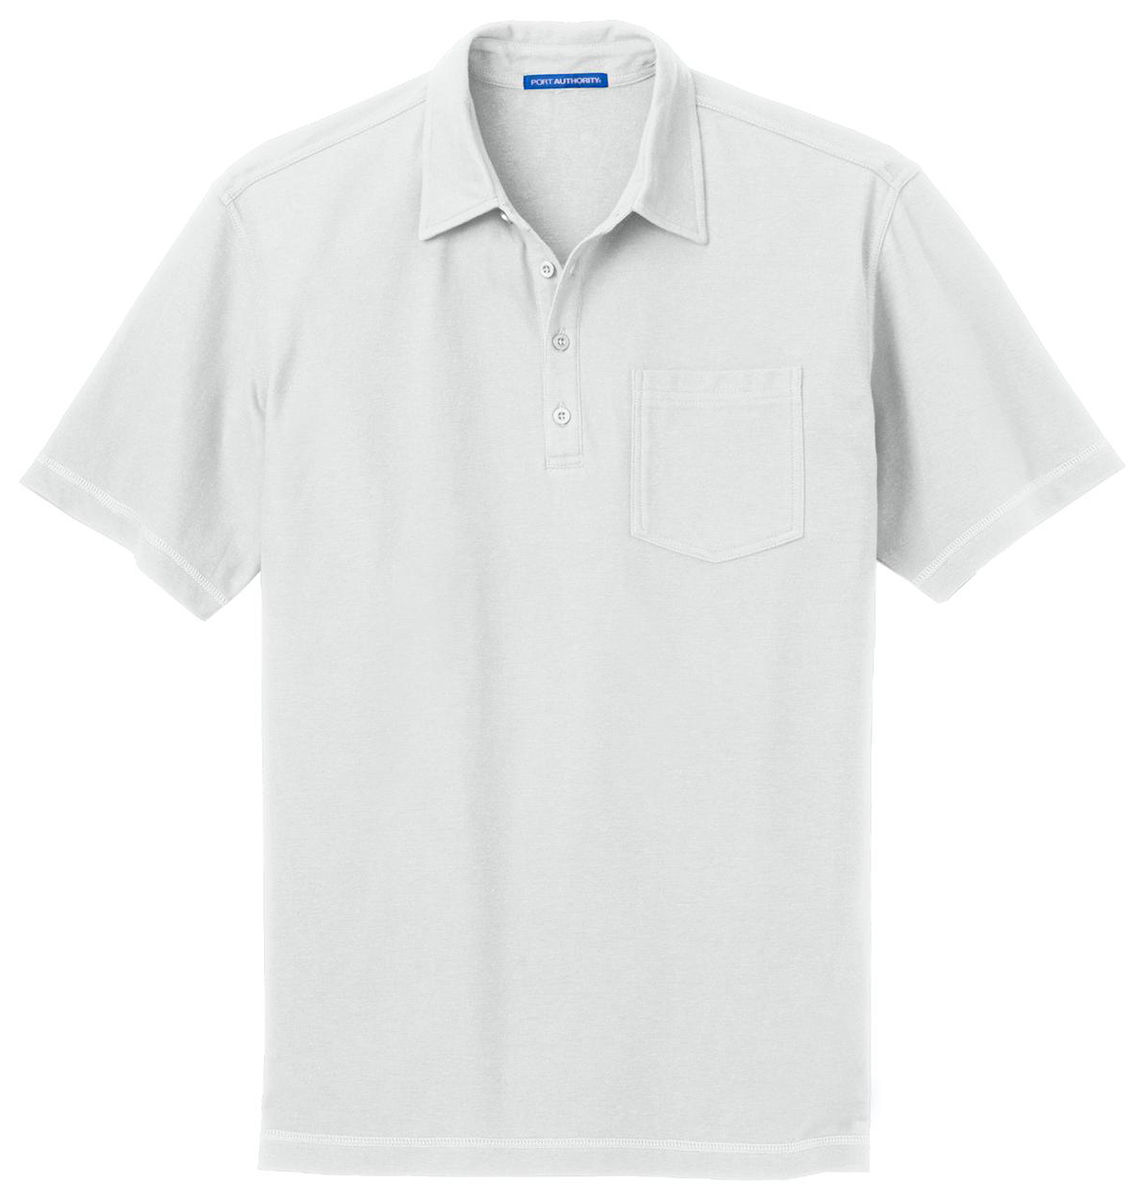 Wrinkle Free Polo Shirts